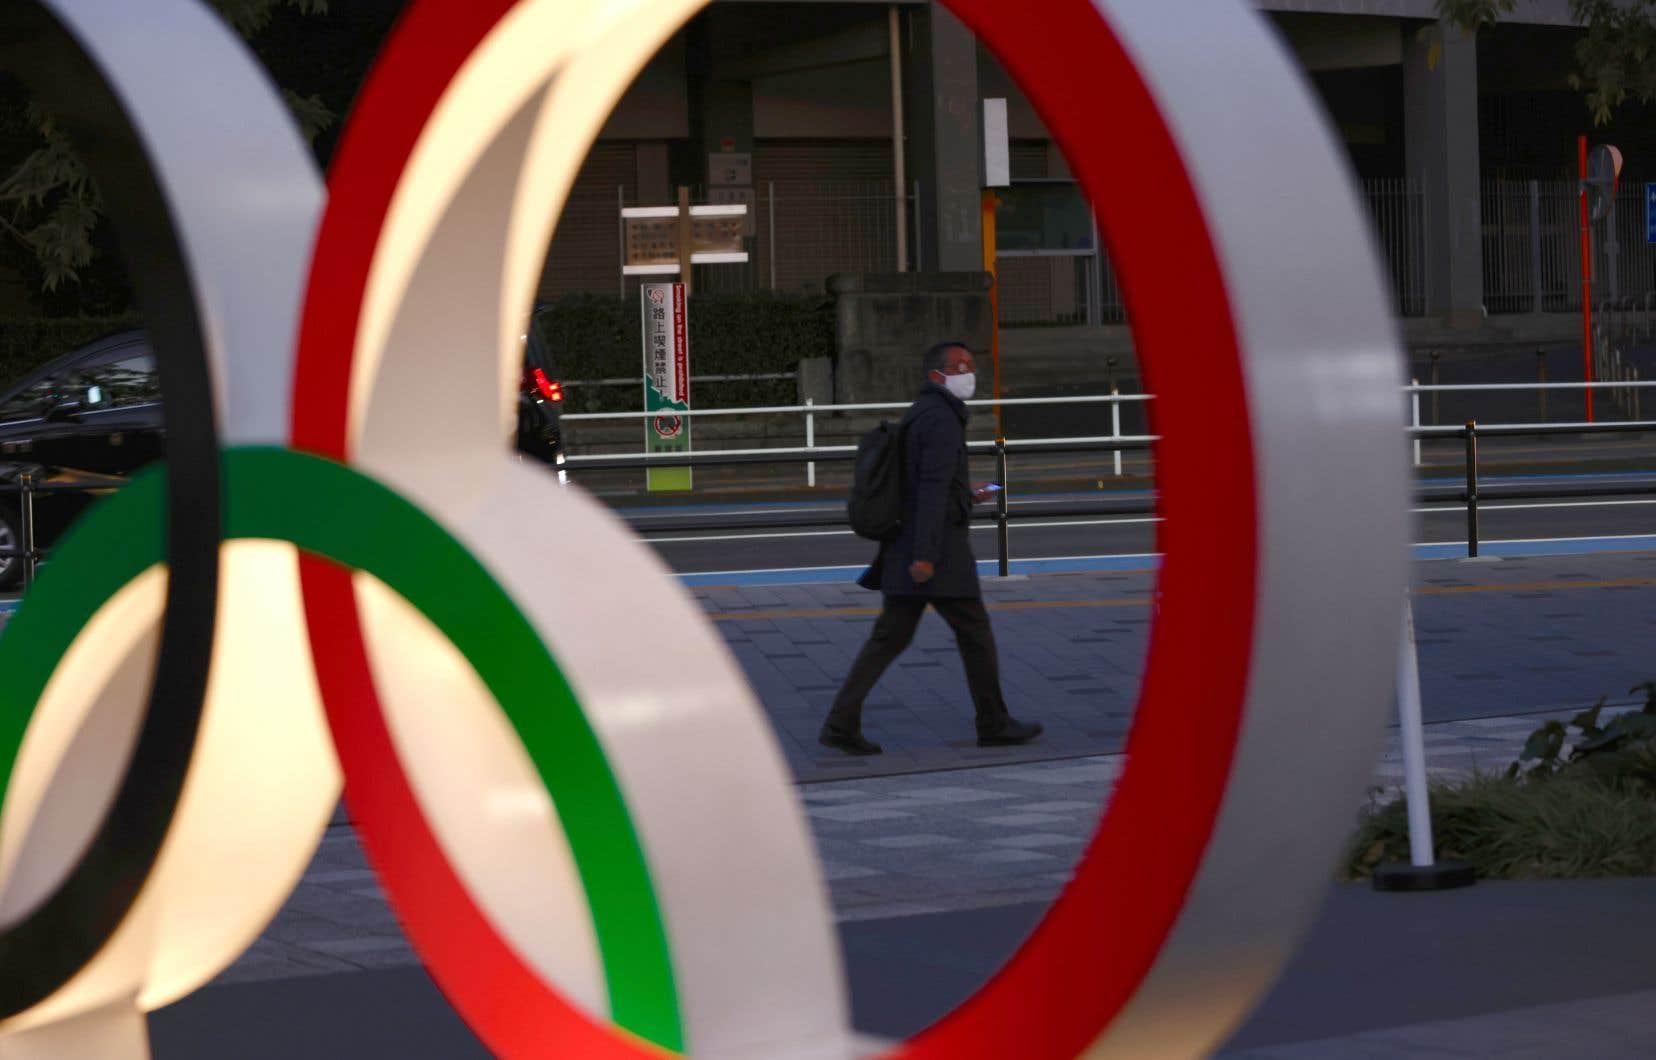 Deux sondages récemment publiés par l'agence de presse Kyodo et par le diffuseur TBS montrent que 80% des participants souhaitent l'annulation ou le report des Olympiques, ou encore croient qu'ils n'auront pas lieu.